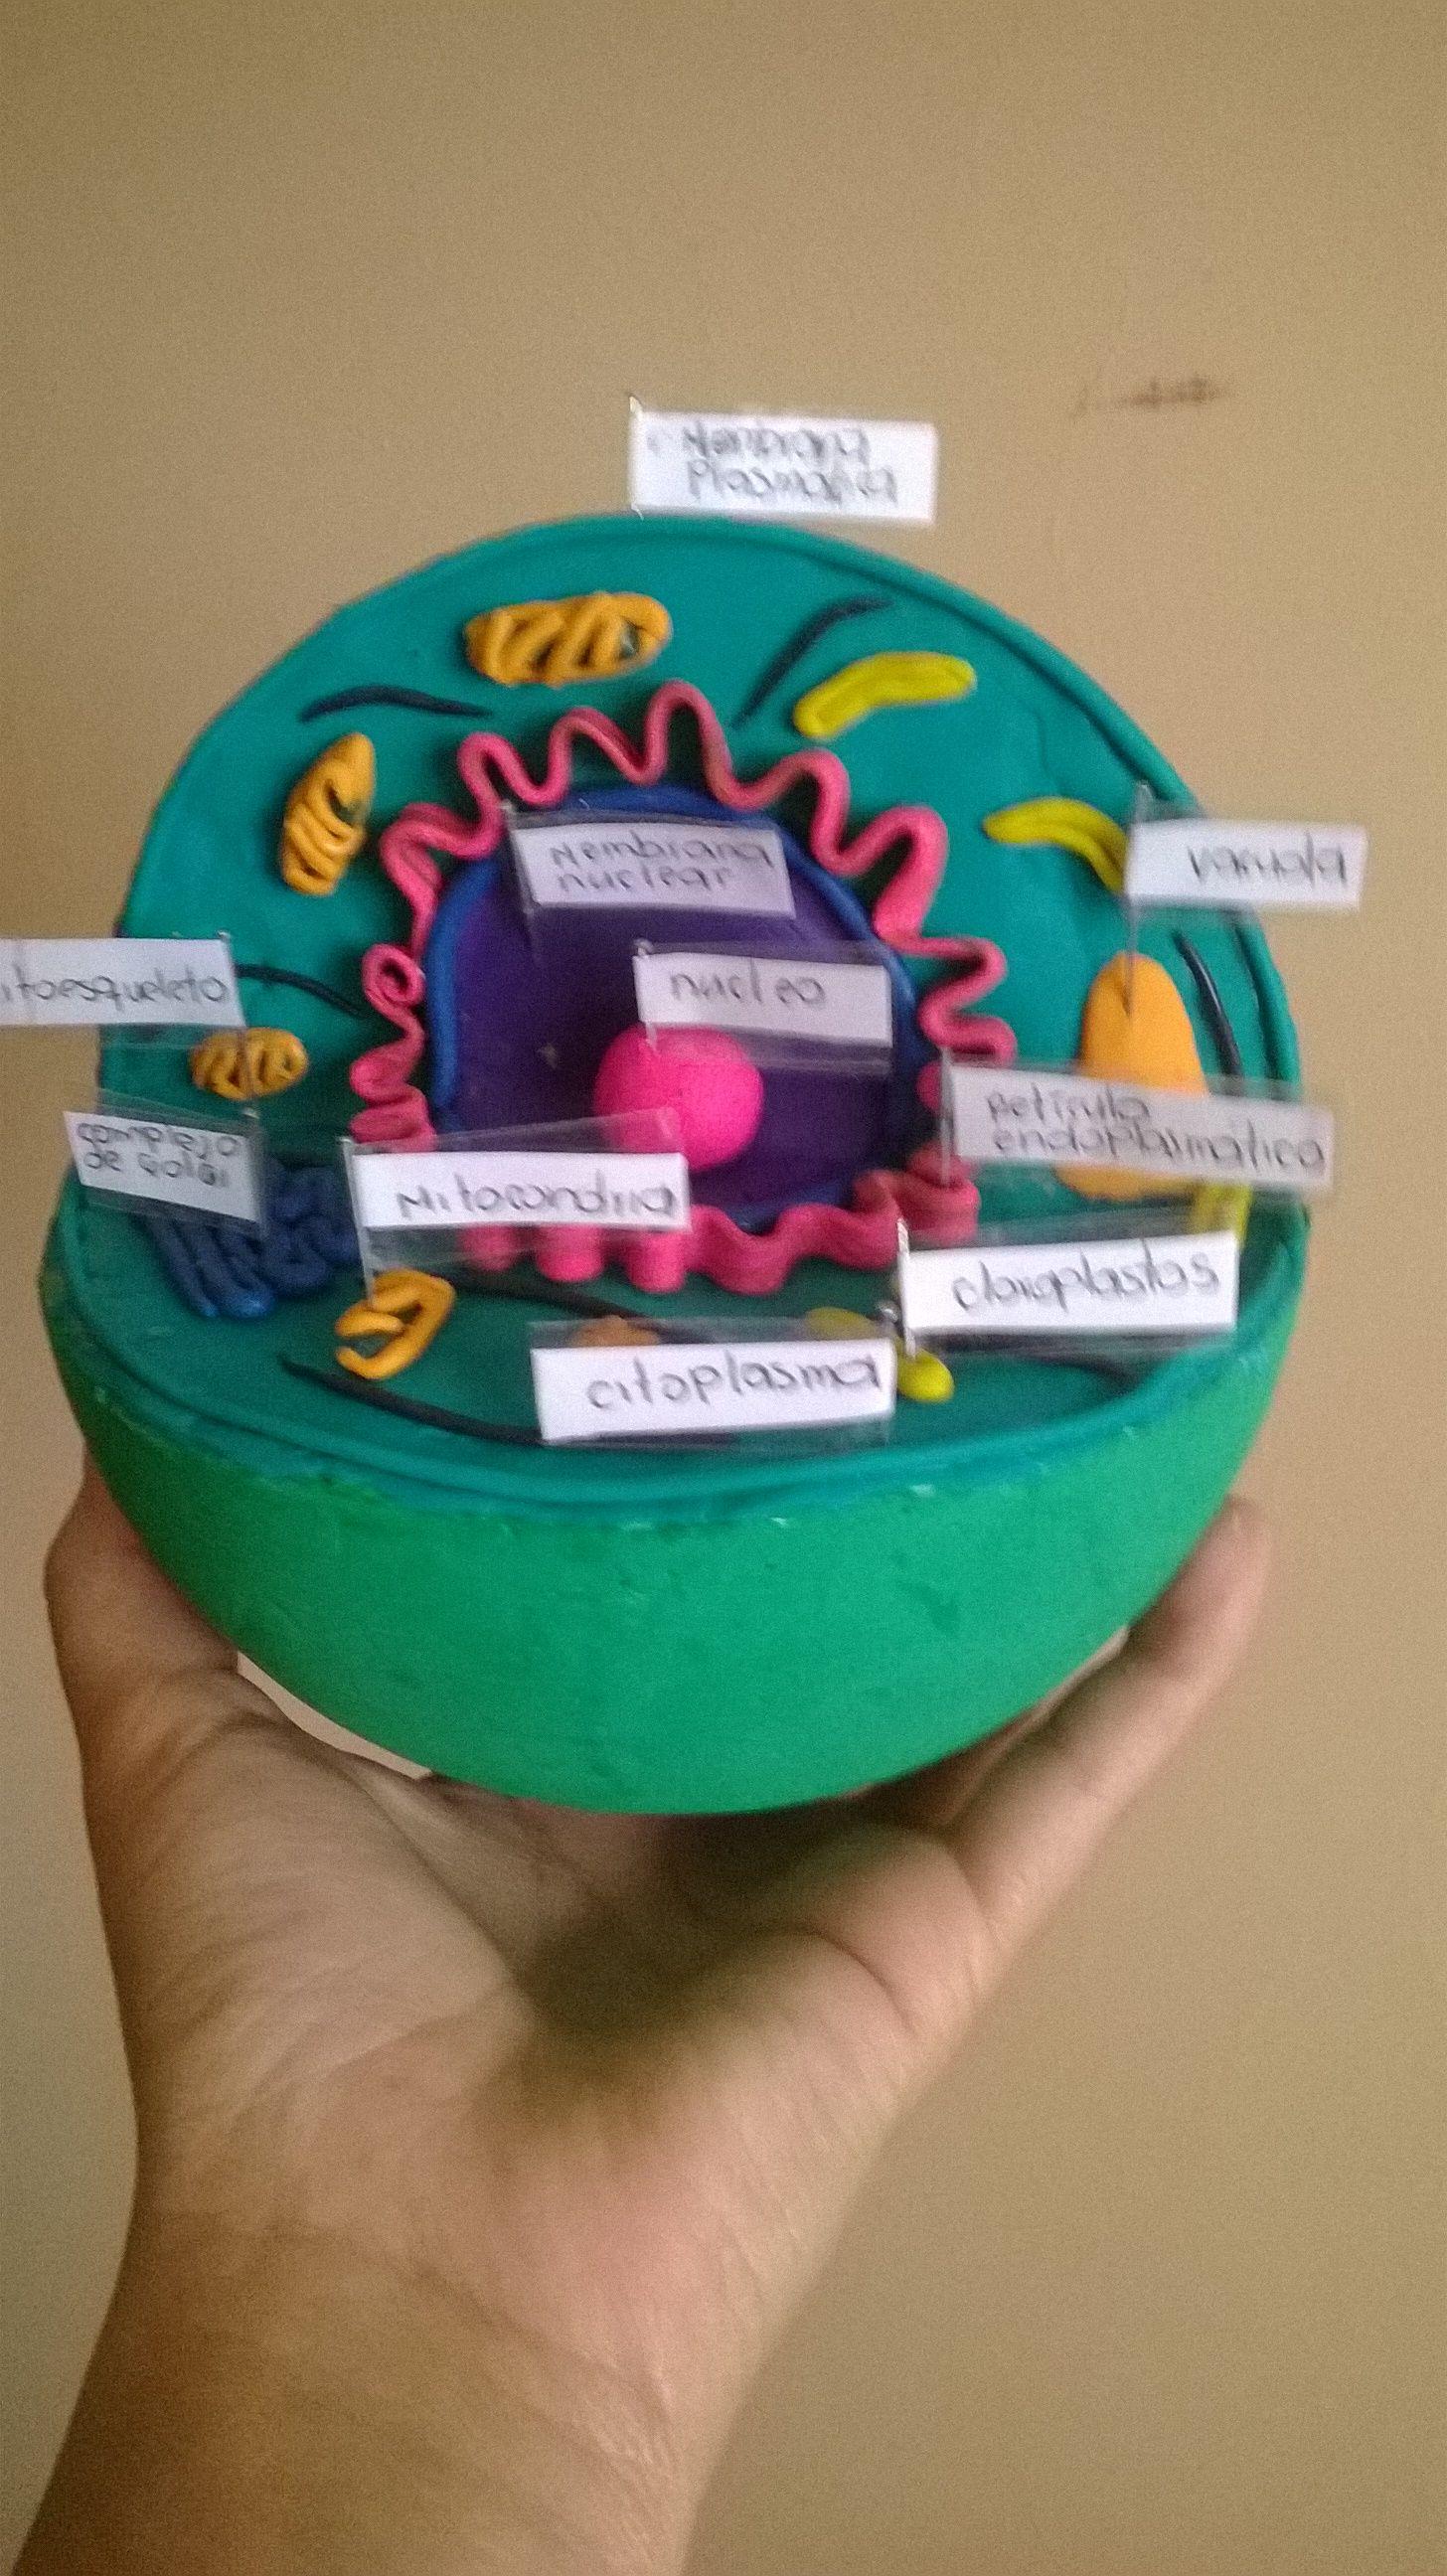 es una célula vegetal hecha en plastilina | mis trabajos manuales ...